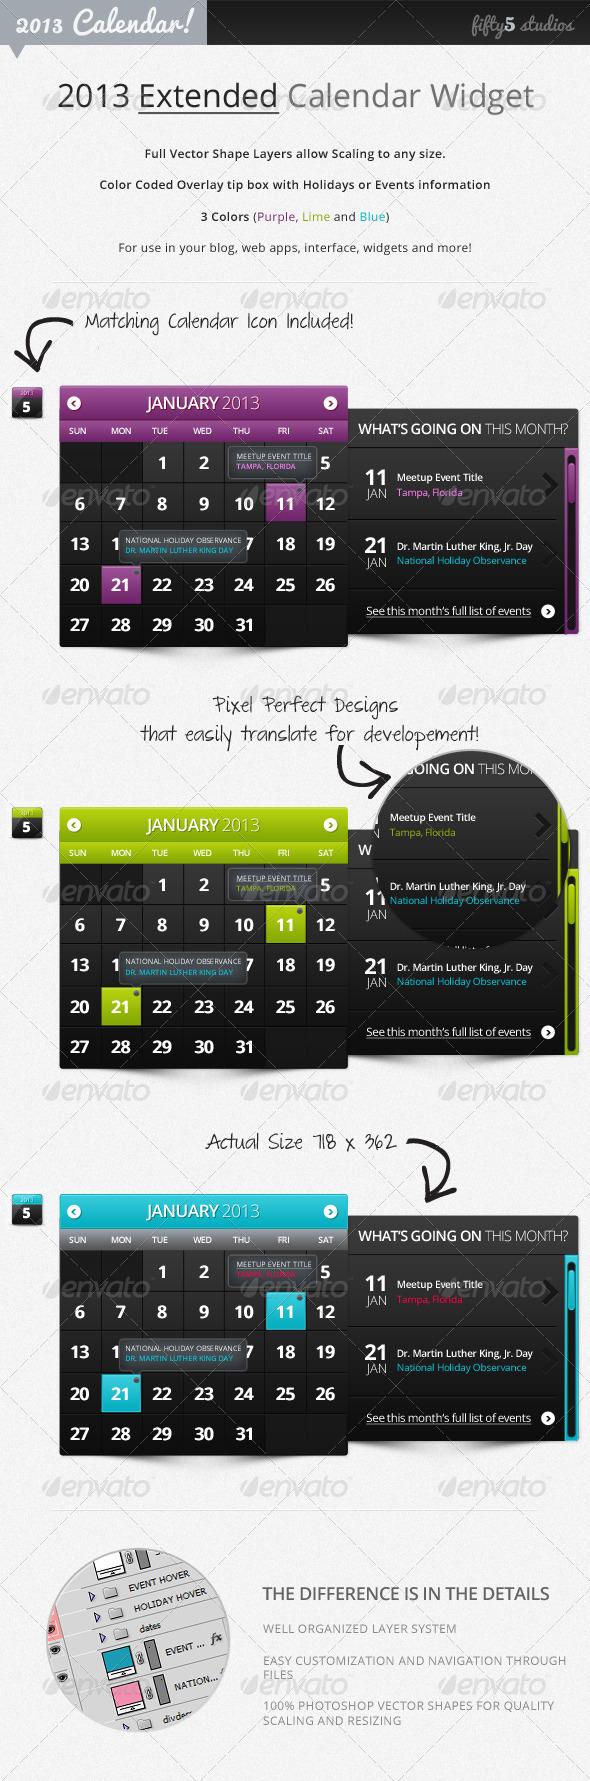 GraphicRiver 2013 Extended Calendar Widget v2.0 2779839